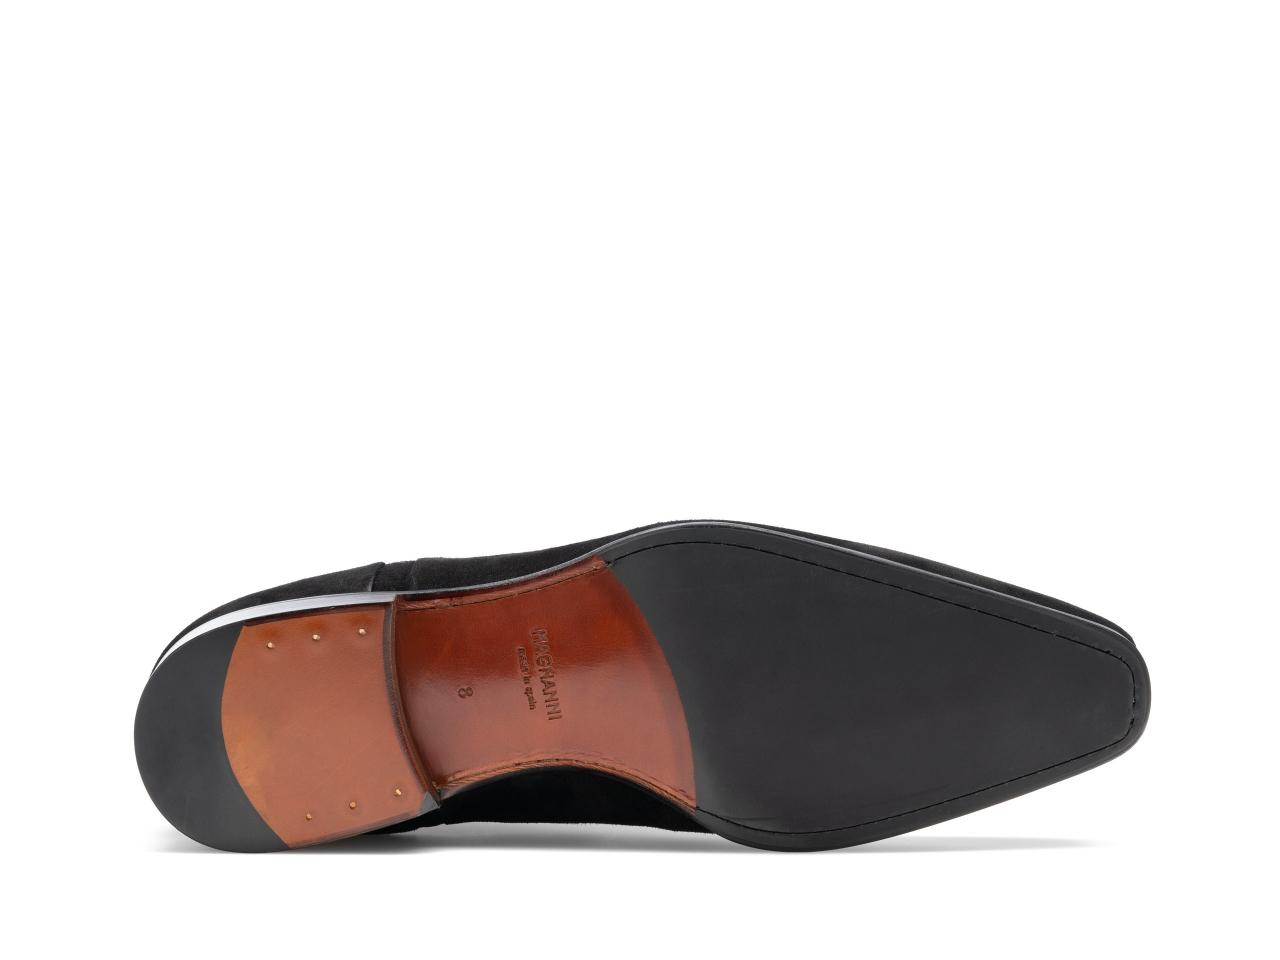 The sole of the Boada